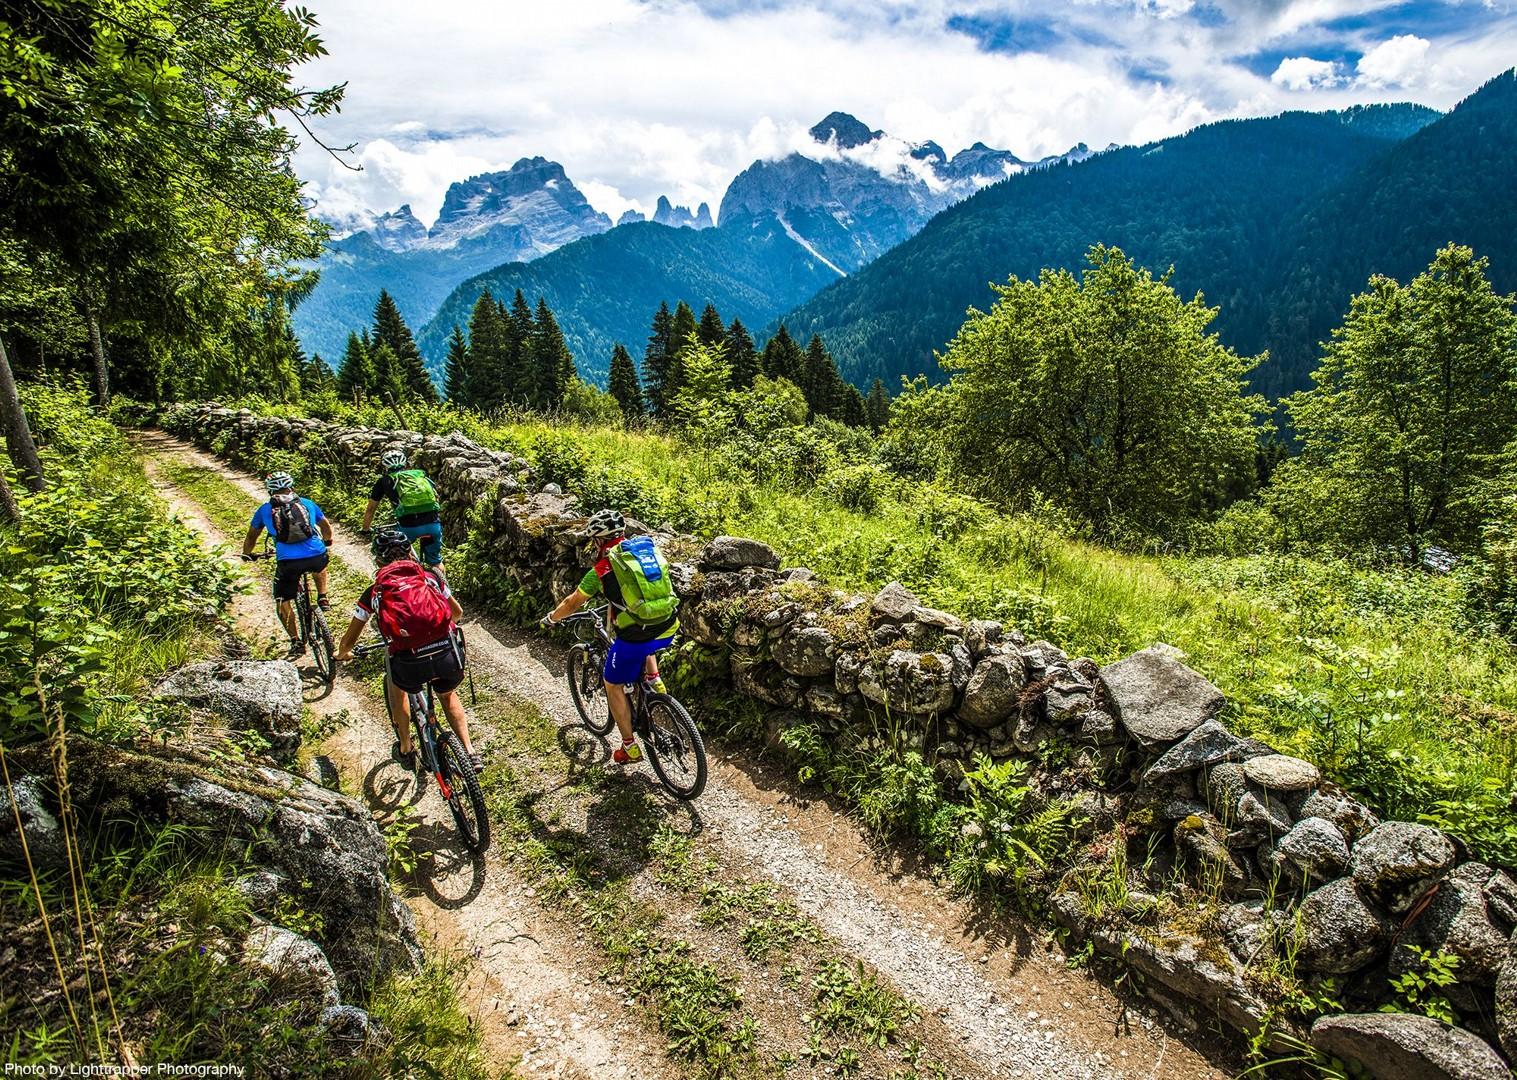 saddle_skedaddle_italy_2017_day6_brenta_dolomites_76-2.jpg - Italy - Dolomites of Brenta - Electric Mountain Bike Holiday - Mountain Biking